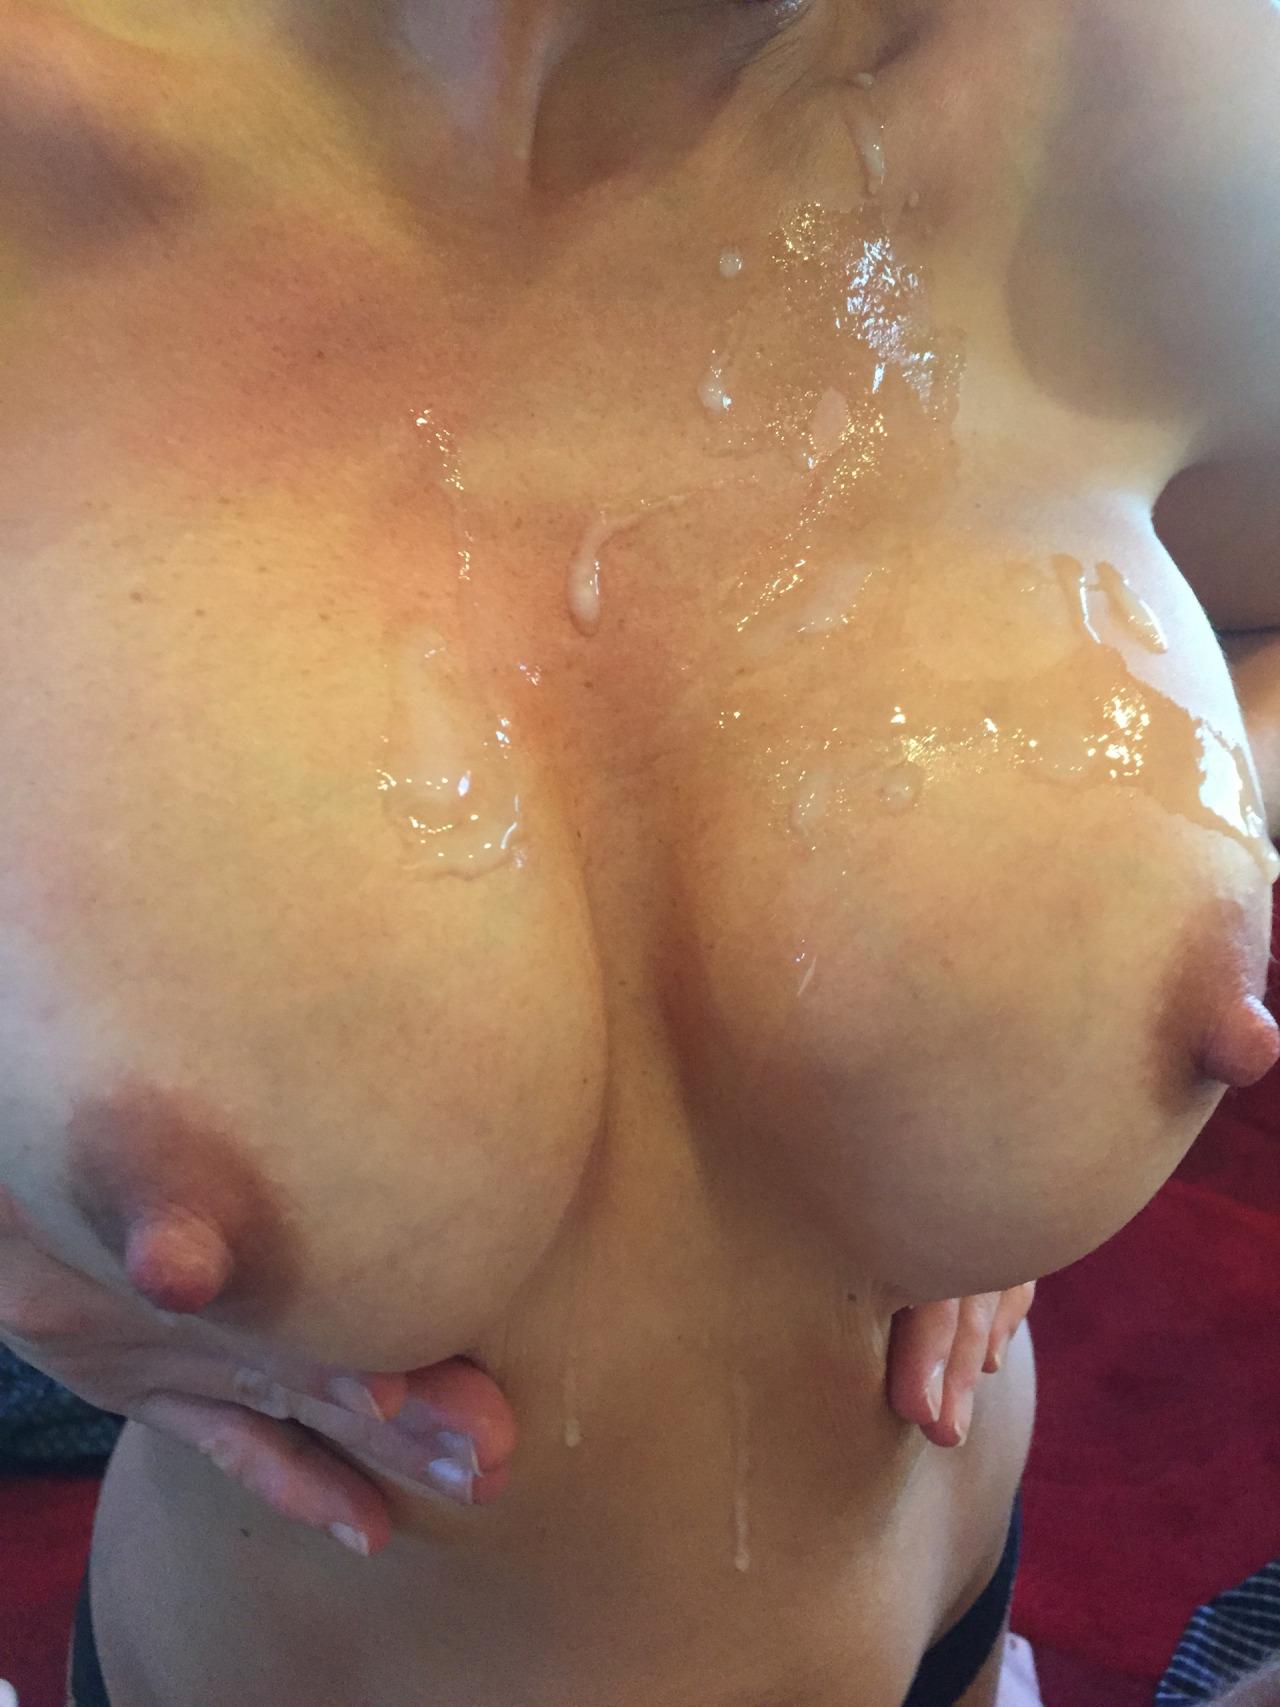 【ぶっかけエロ画像】最後は擦りつけて残り汁までw超爽快の生乳に放出www 15